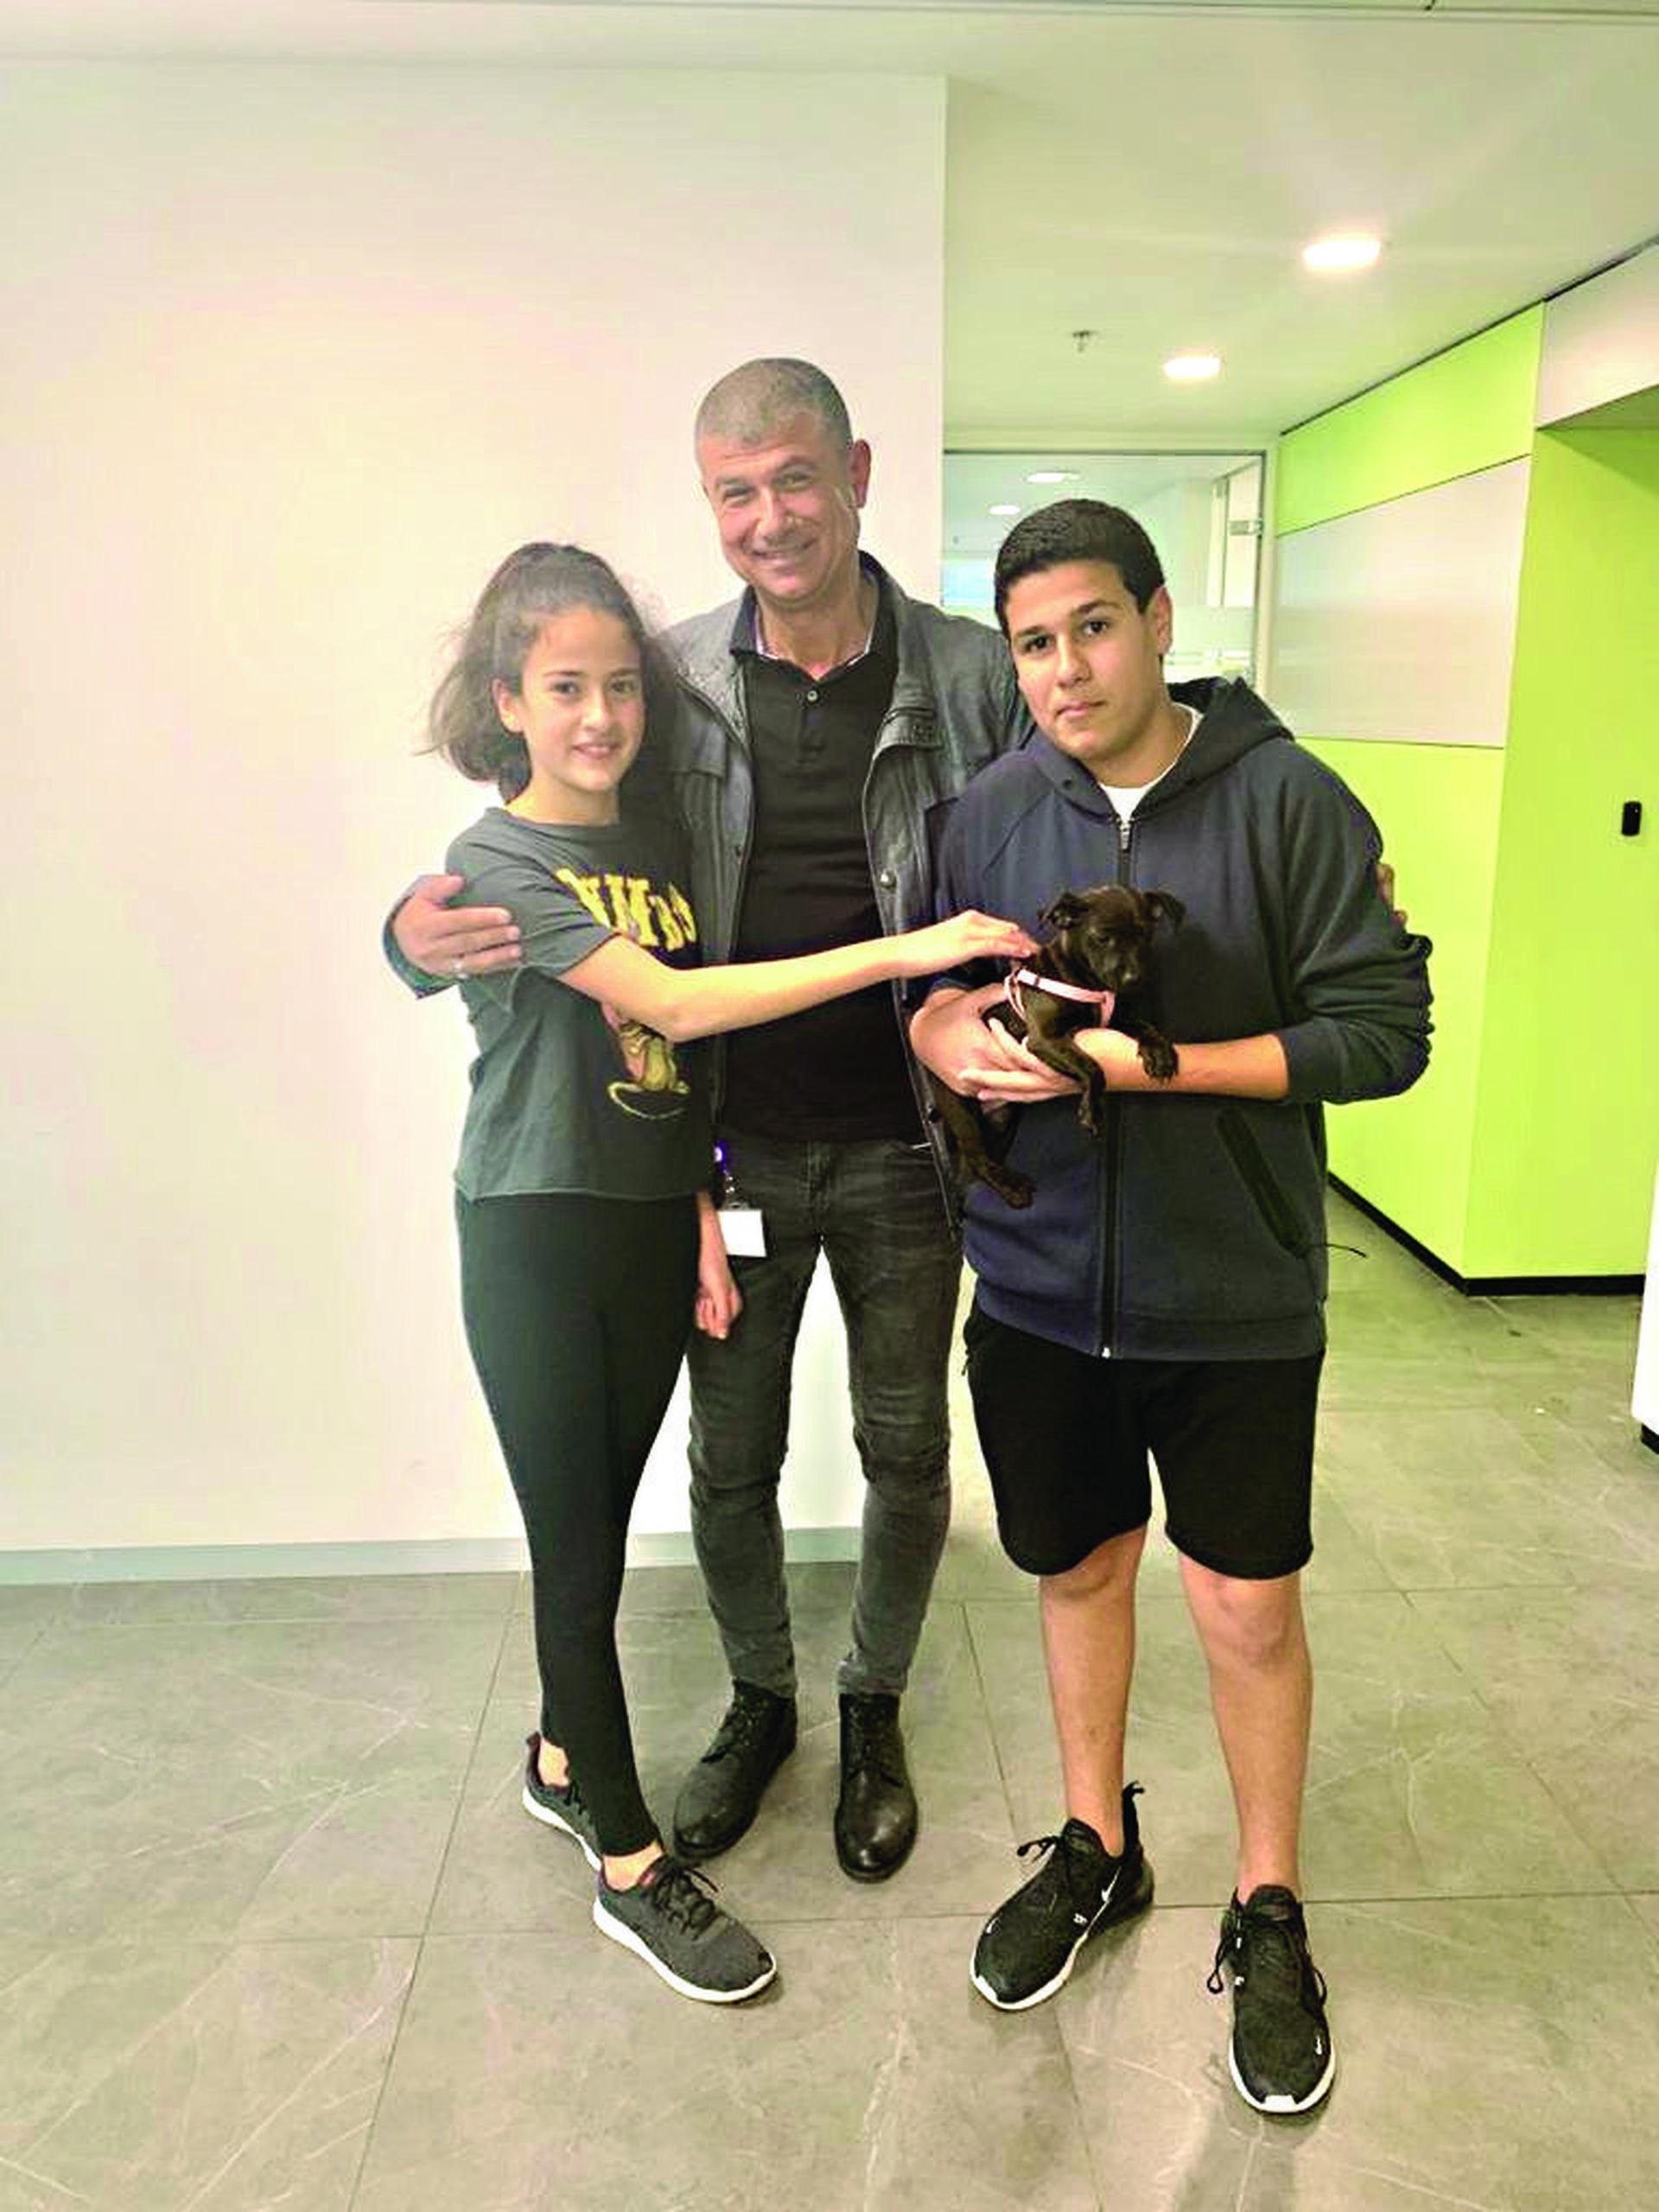 עופר, מתן ומאיה לוי עם לונה צילום: פרטי